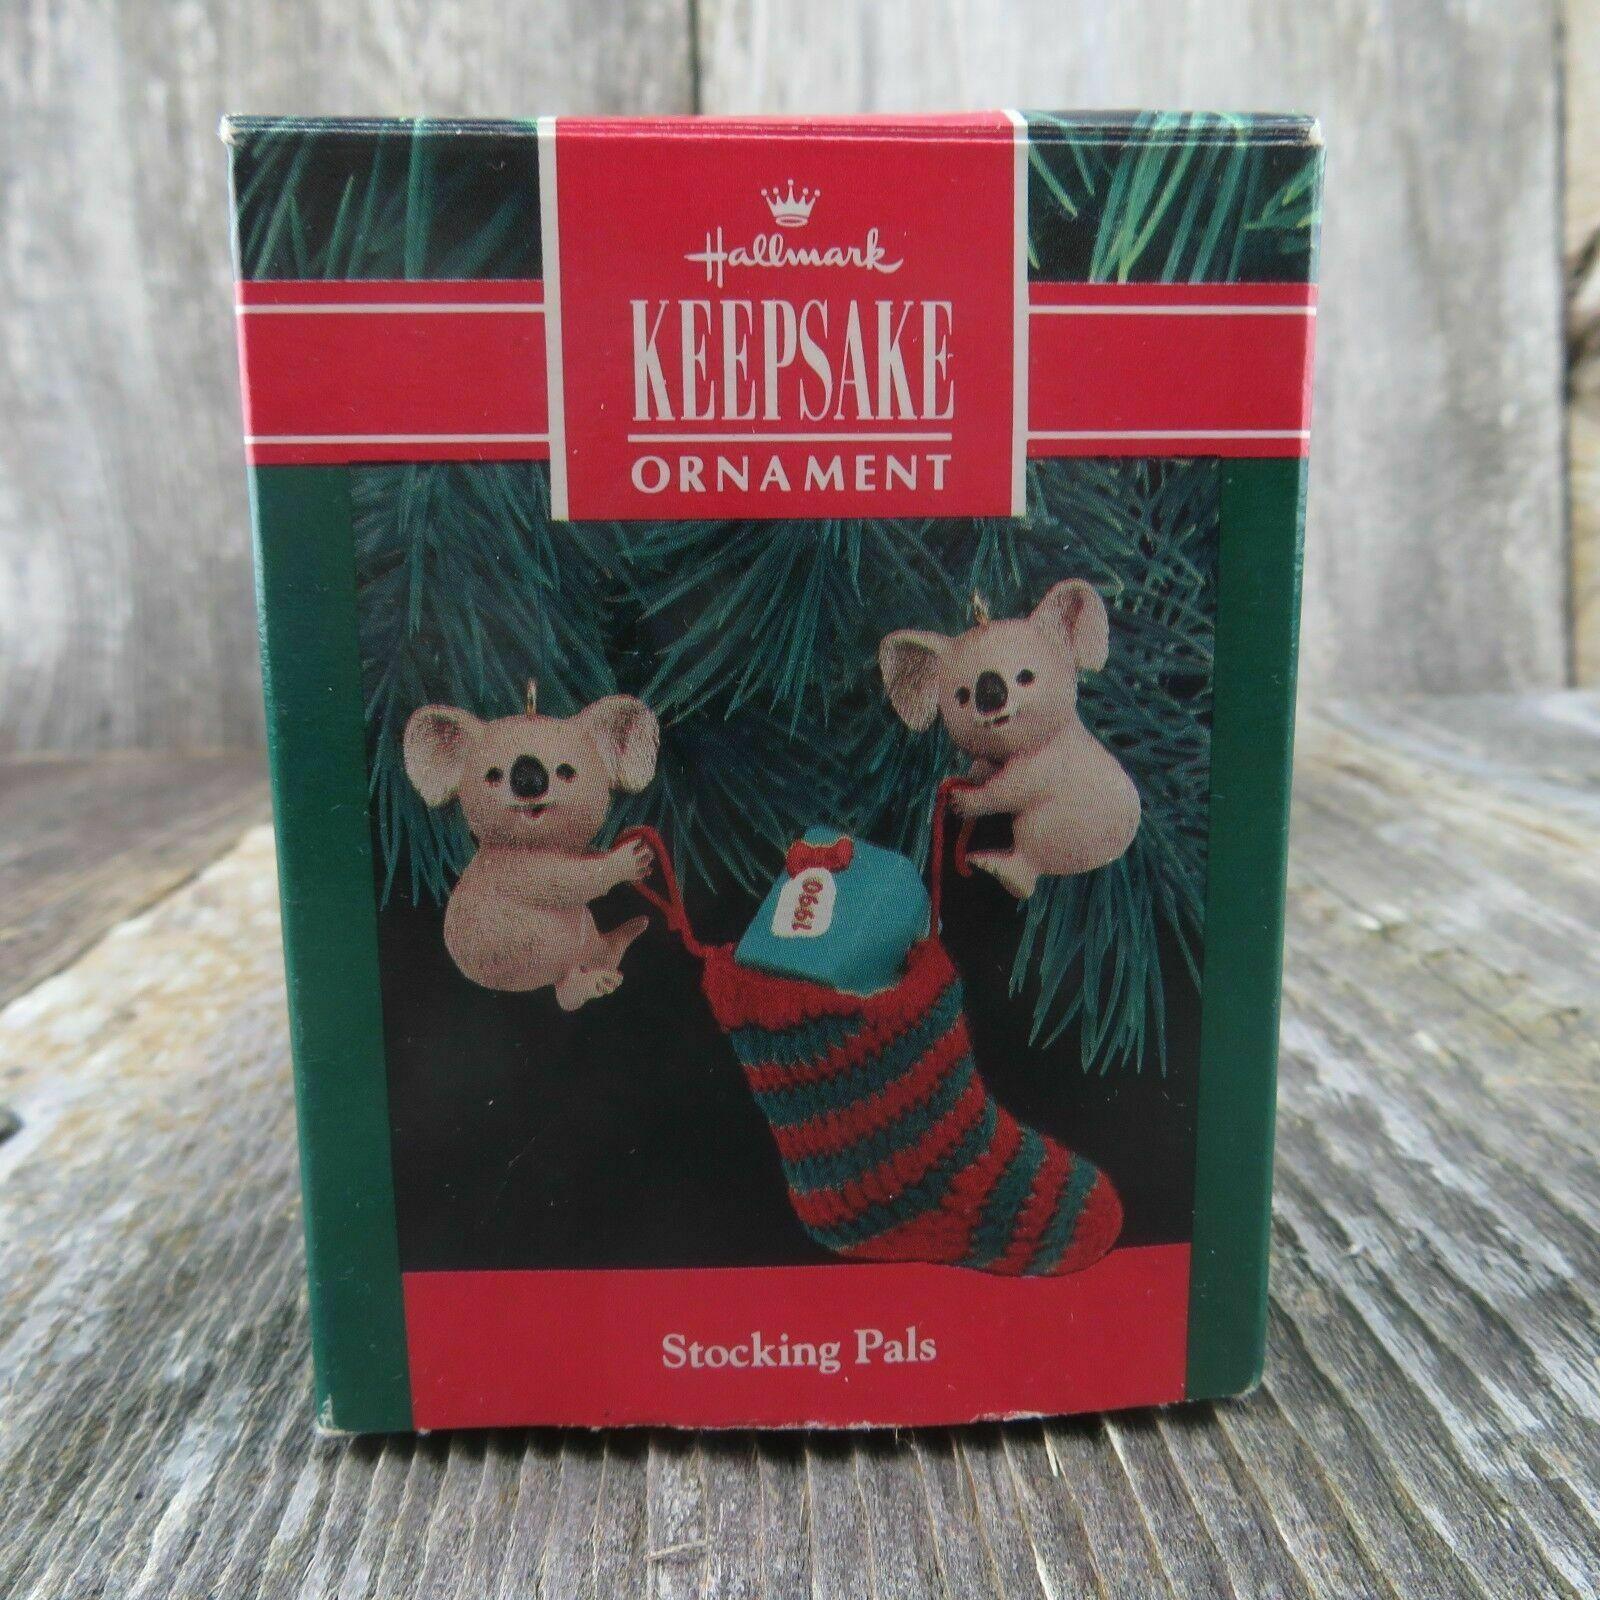 Vintage Koala Christmas Stocking Ornament Hallmark Keepsake 1990 image 7